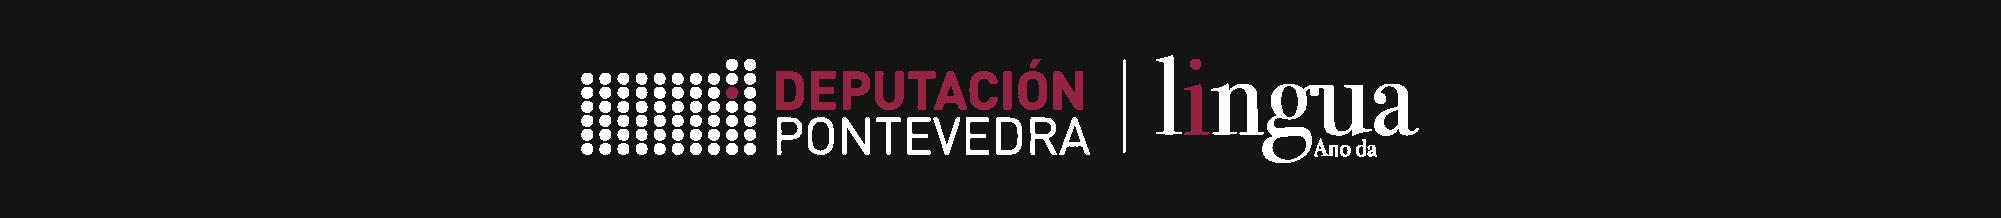 Patrocinio Deputación 2018